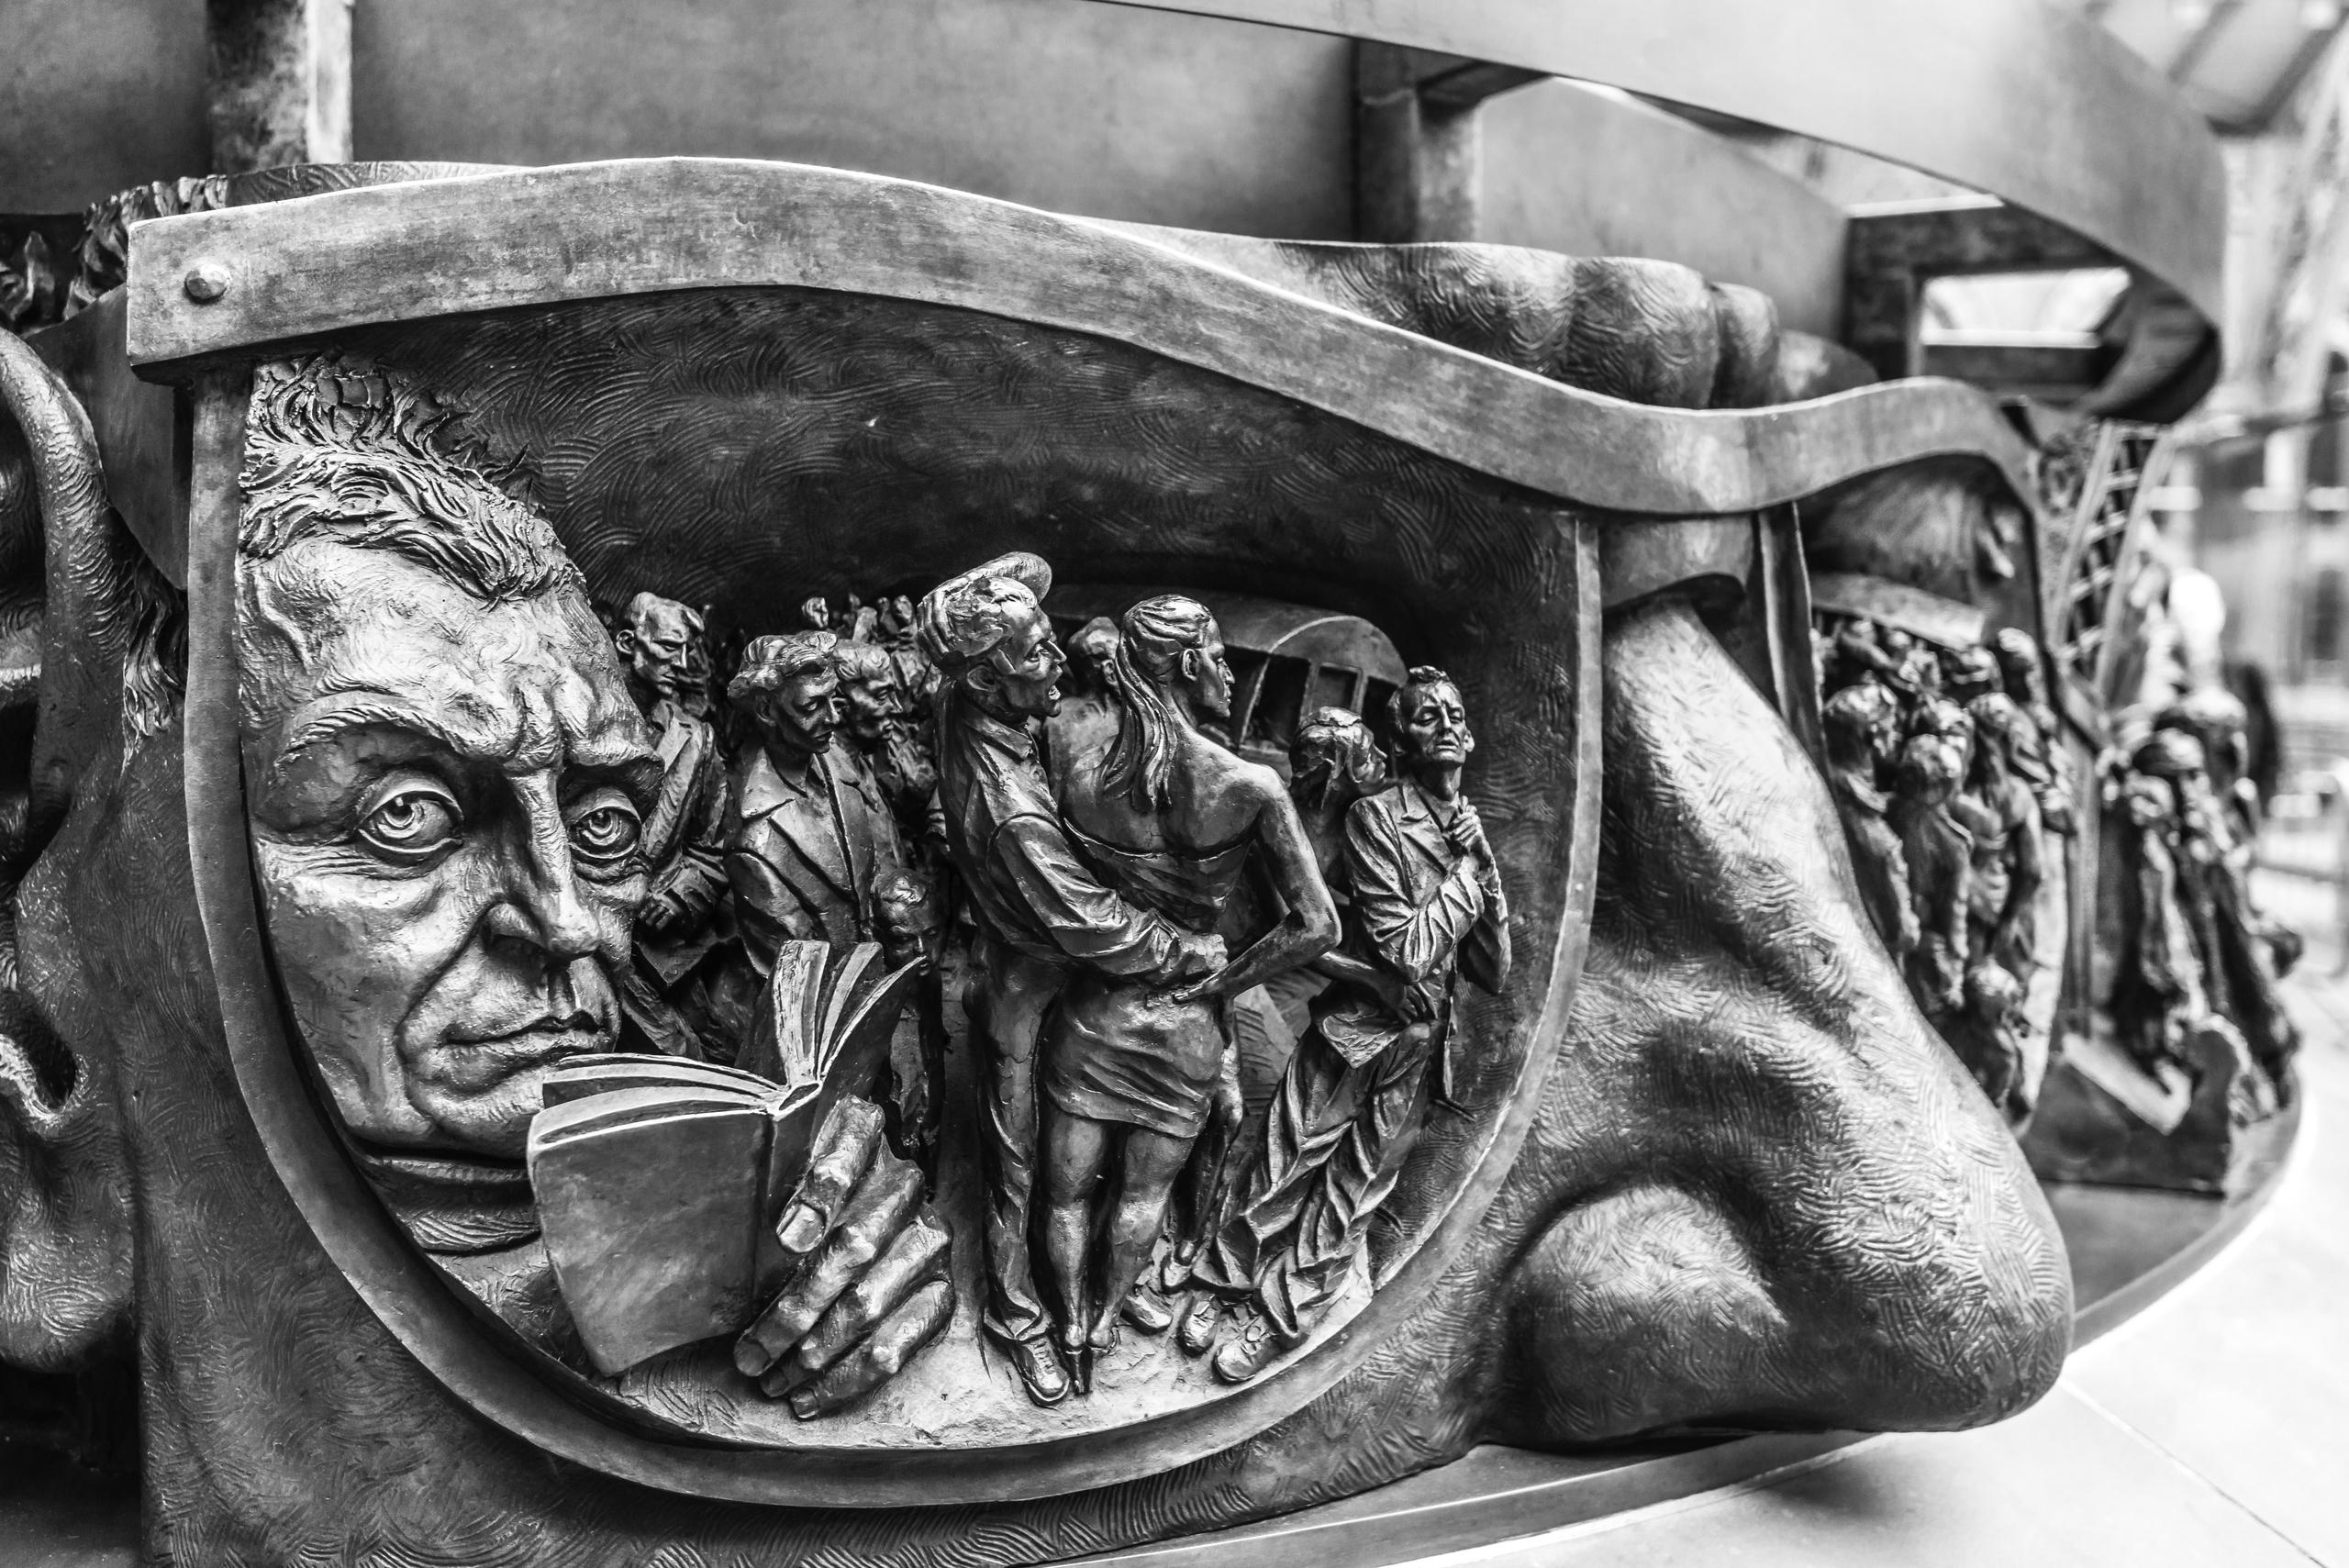 St Pancras Artwork Nikon D800E  - toshmarshall   ello